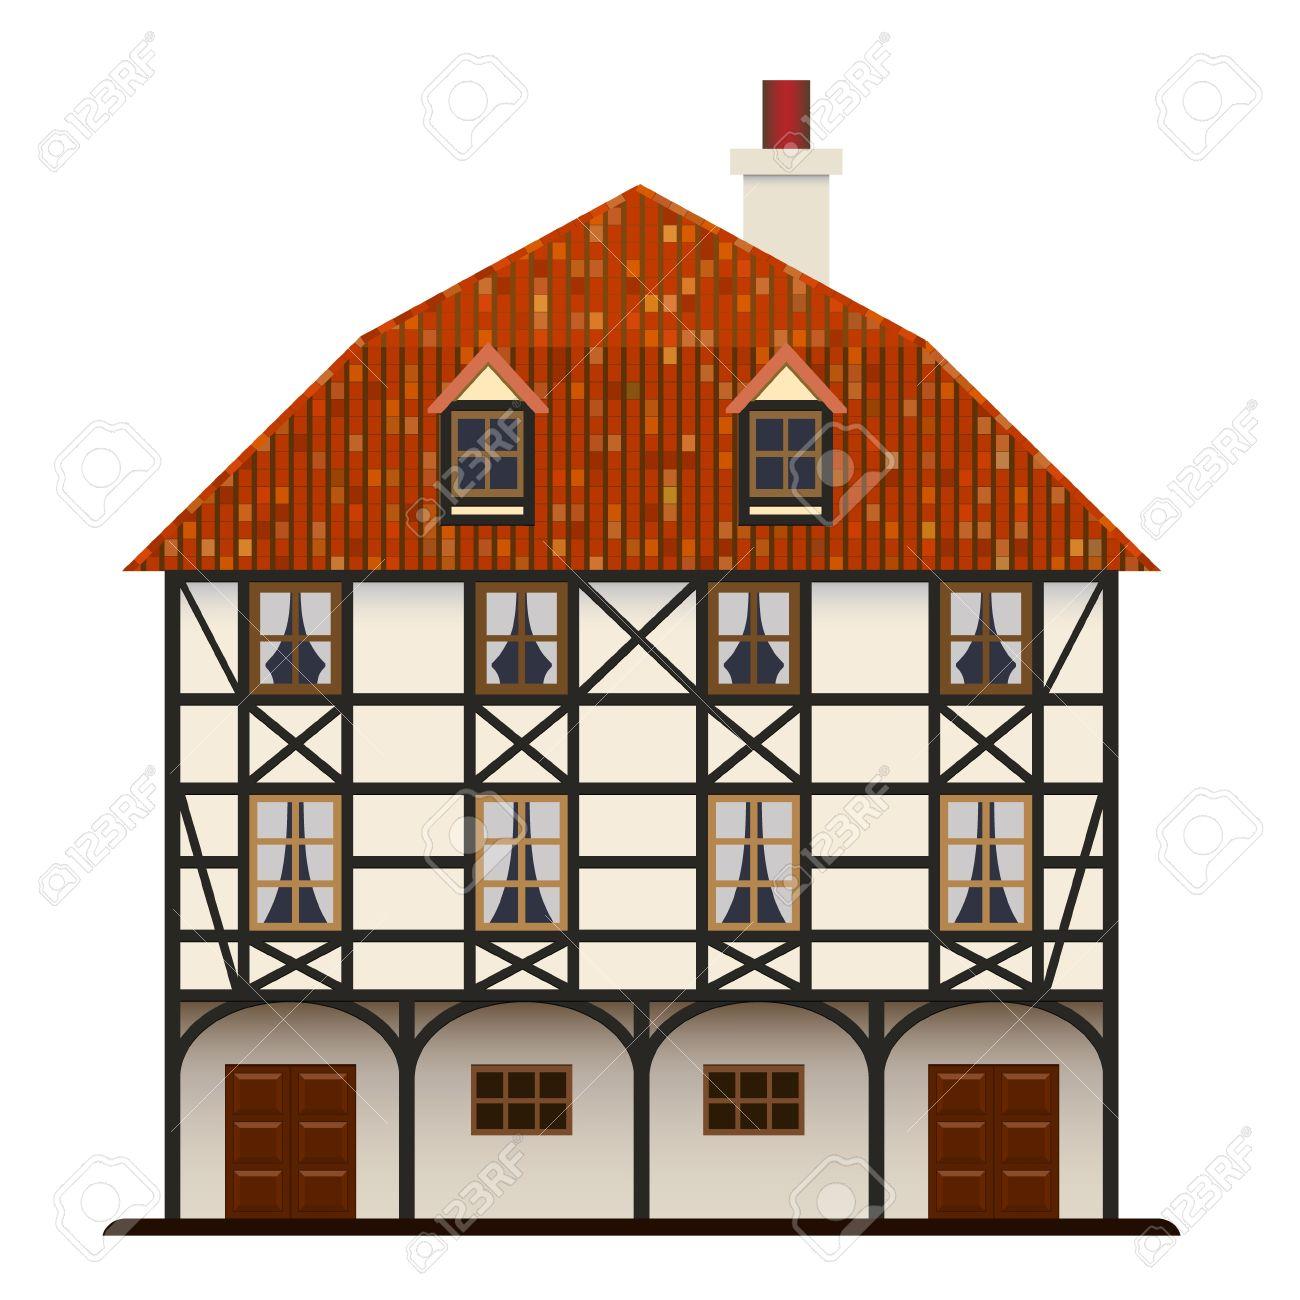 Fachwerk Casa Vieja Casa Tradicional Europea Aislada Ilustraciones.